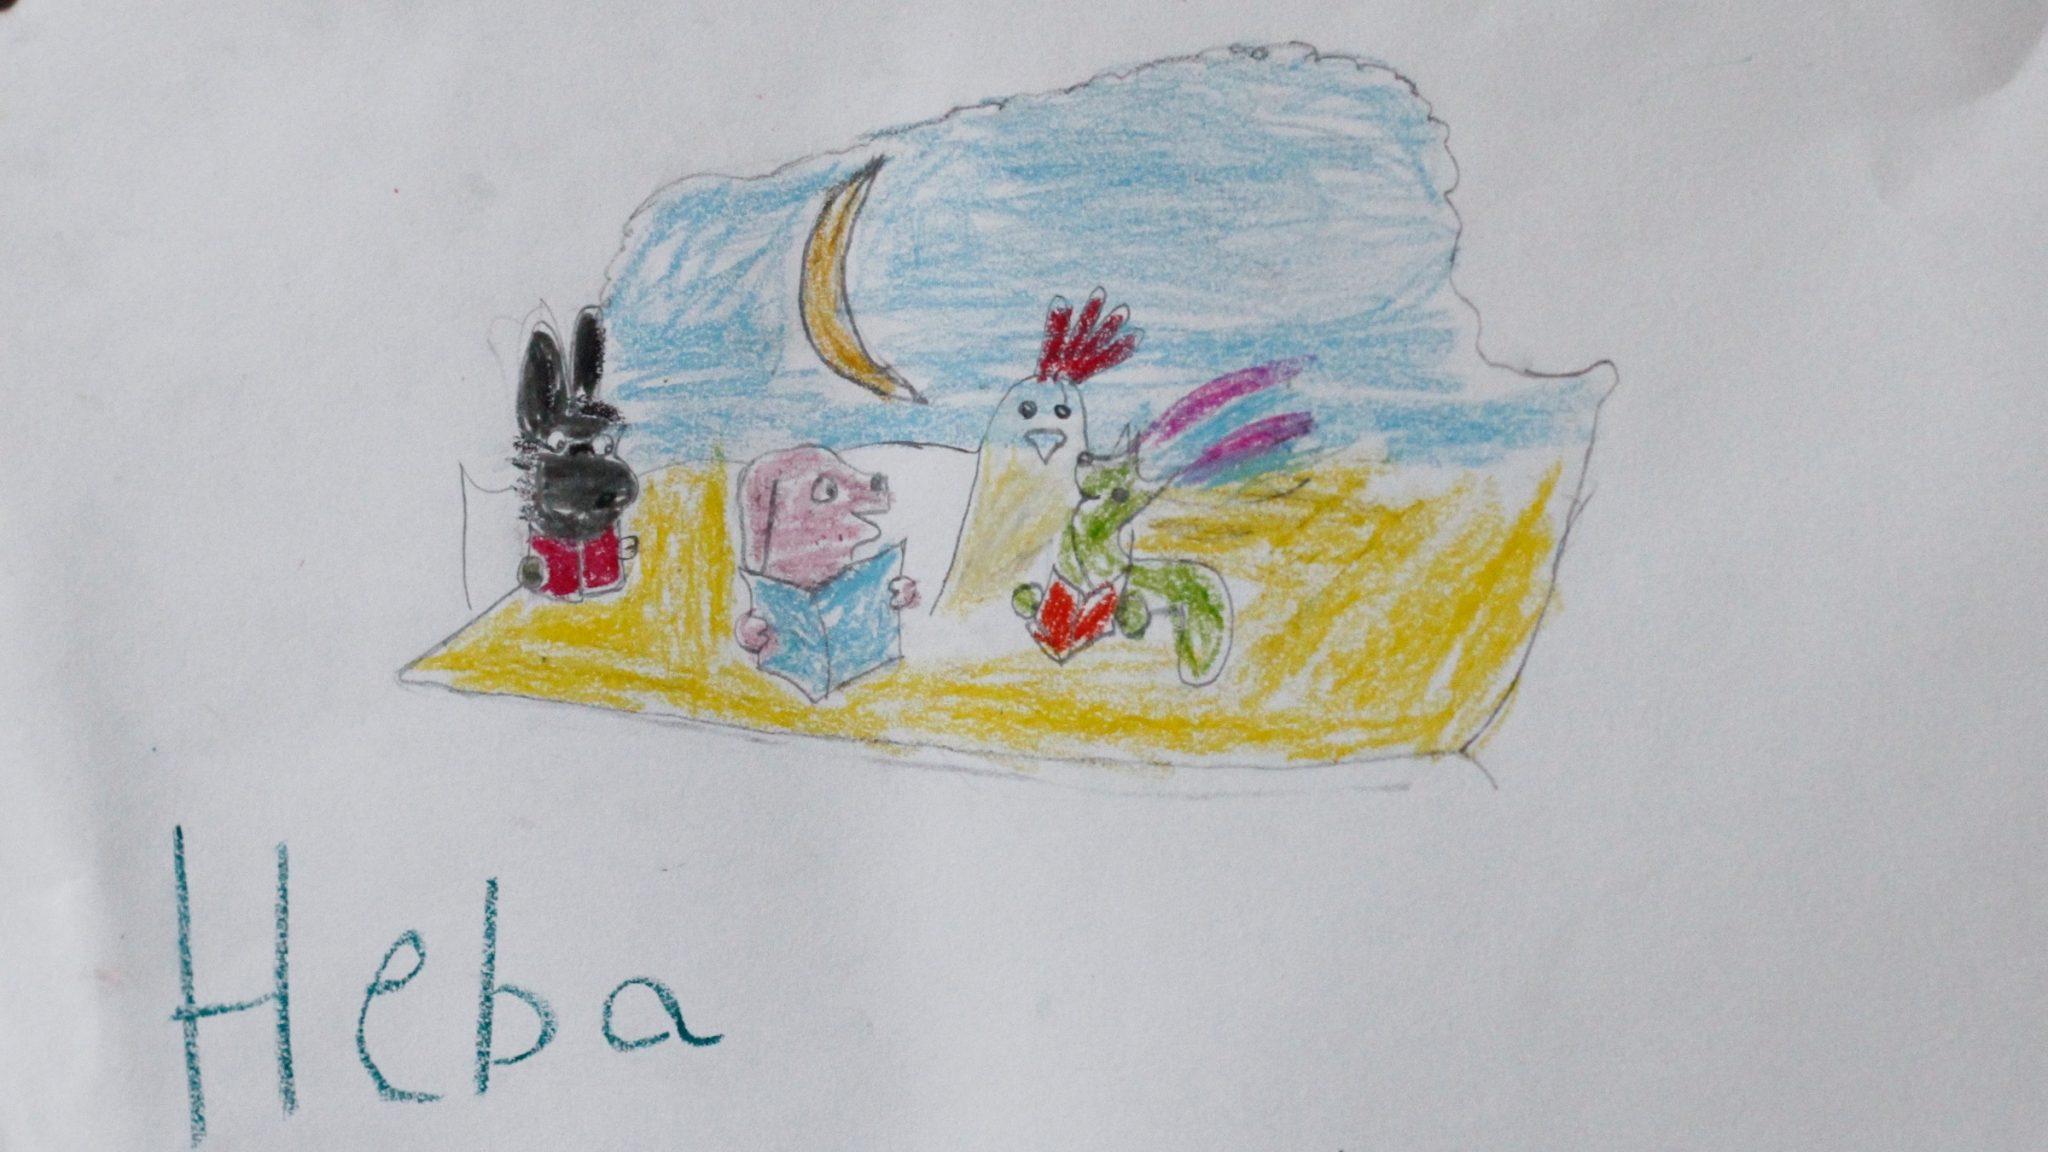 Ein Kinderbild vom Logo der BremerLeseLust